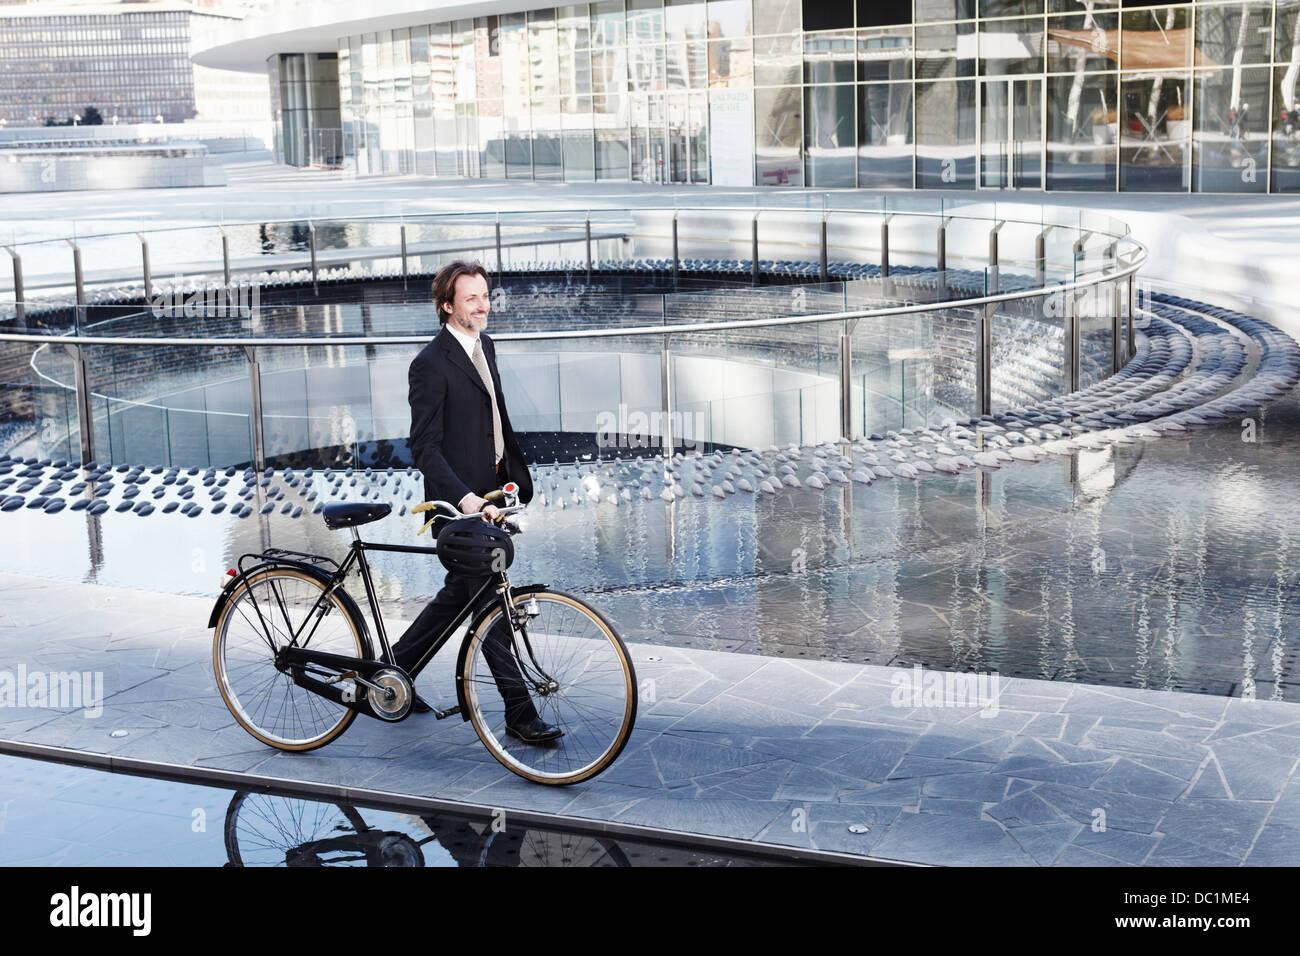 Adulto medio empresario caminando con bicicleta por característica del agua en la ciudad Imagen De Stock